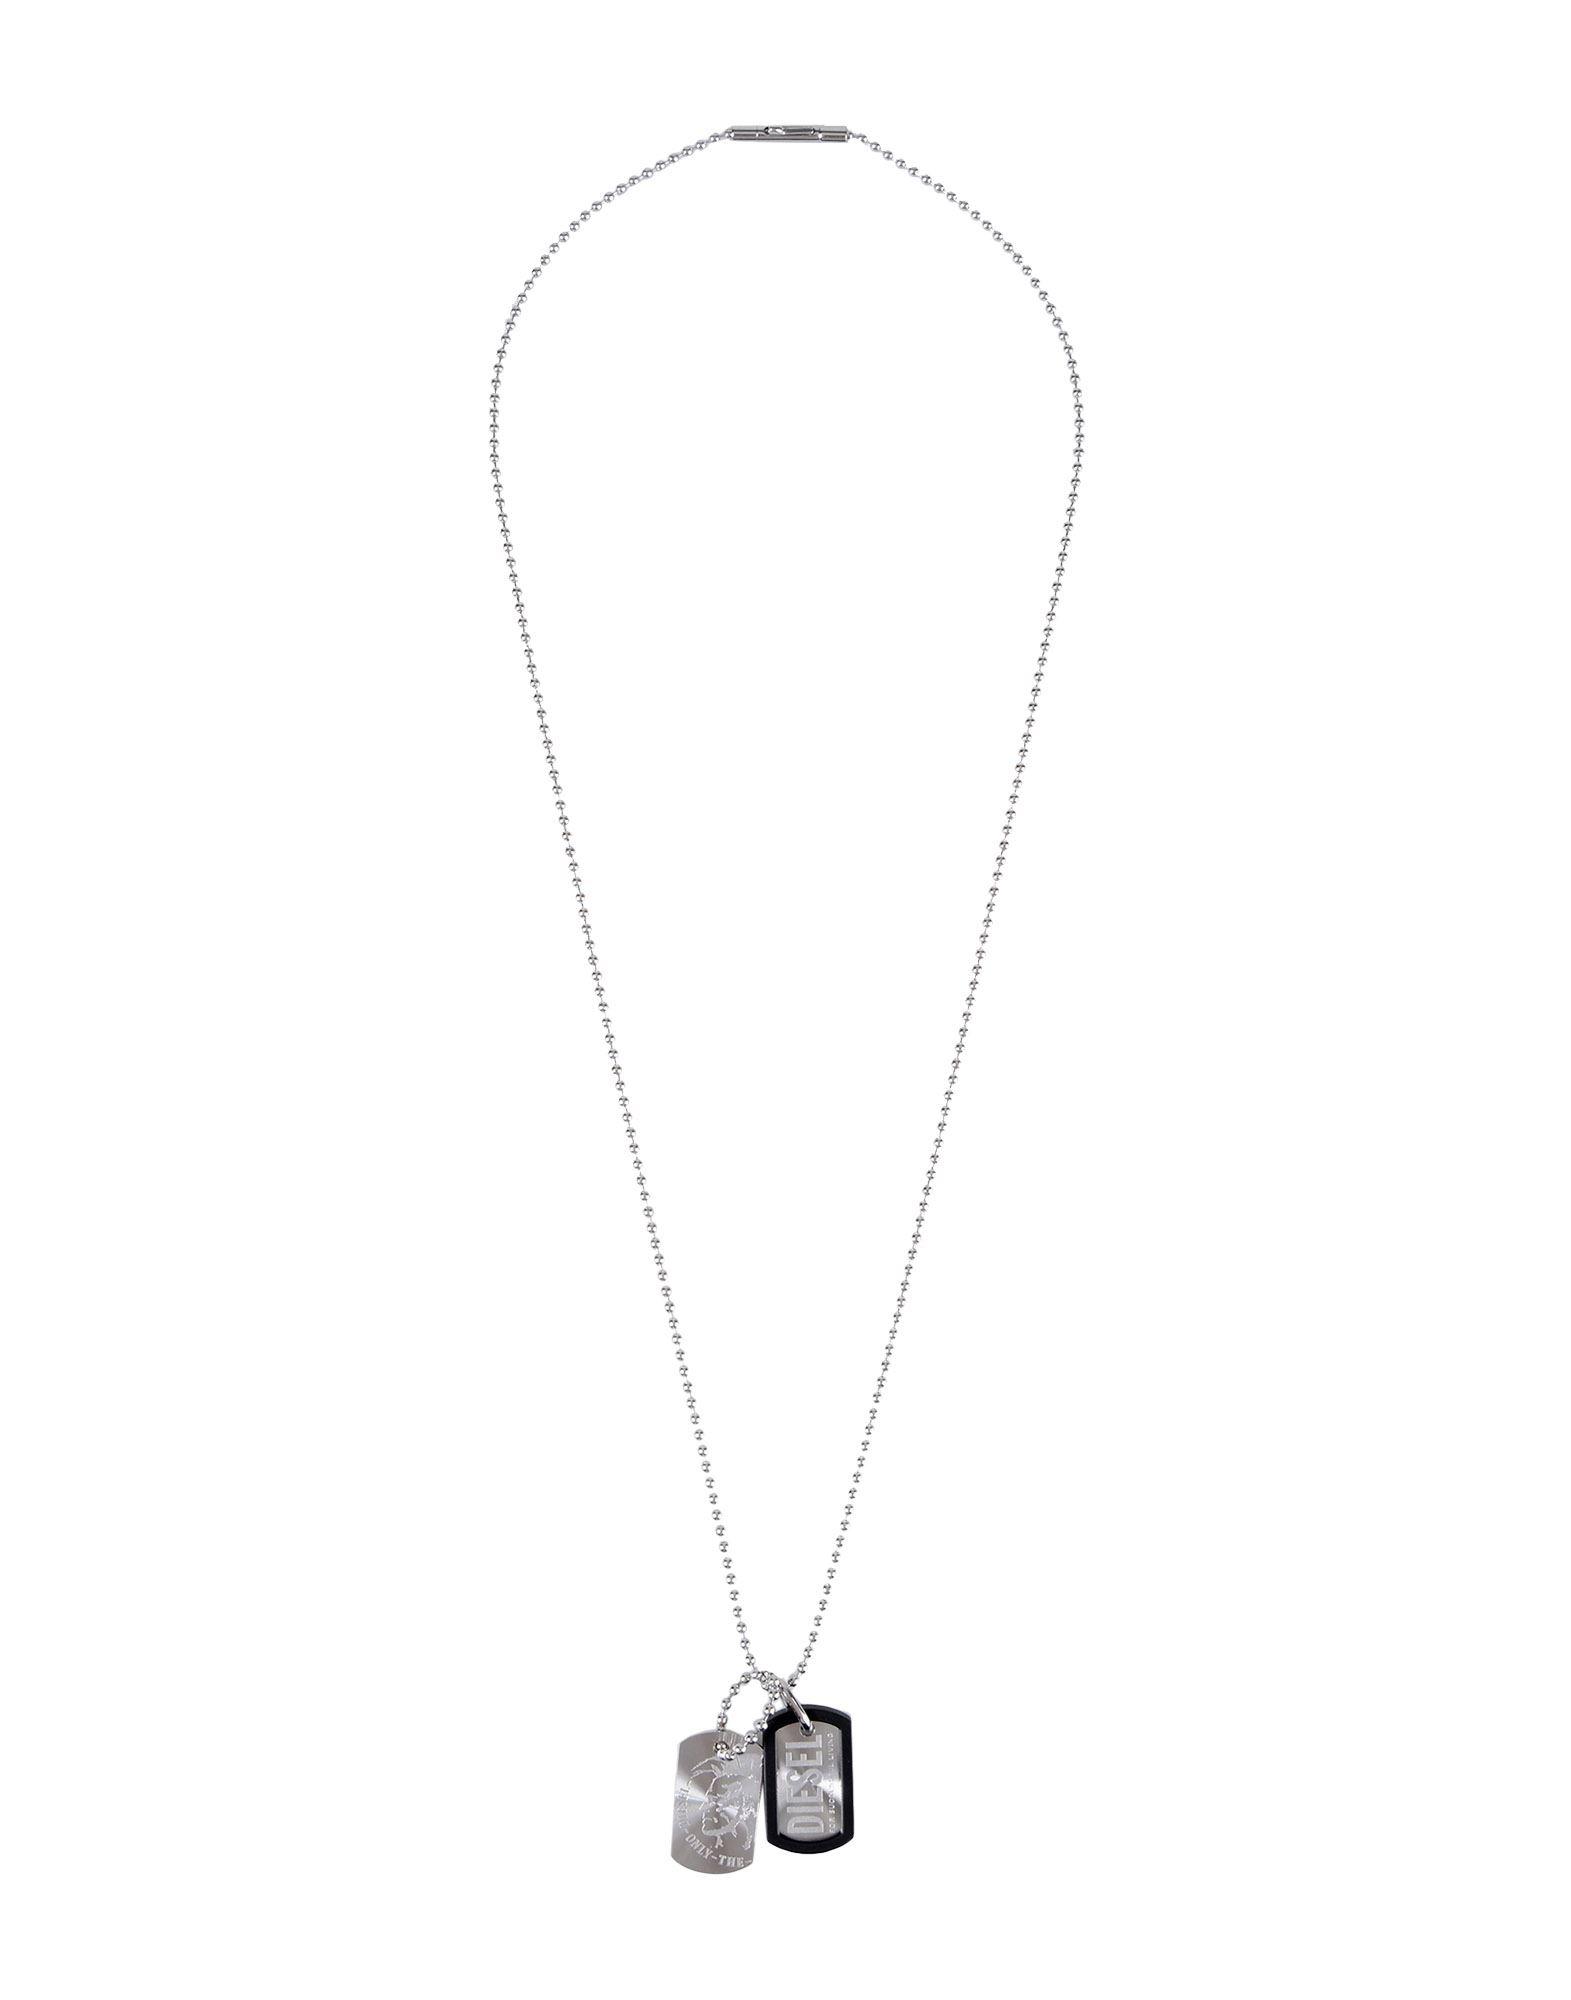 《セール開催中》DIESEL メンズ ネックレス シルバー スチール / ポリウレタン DOUBLE DOGTAGS